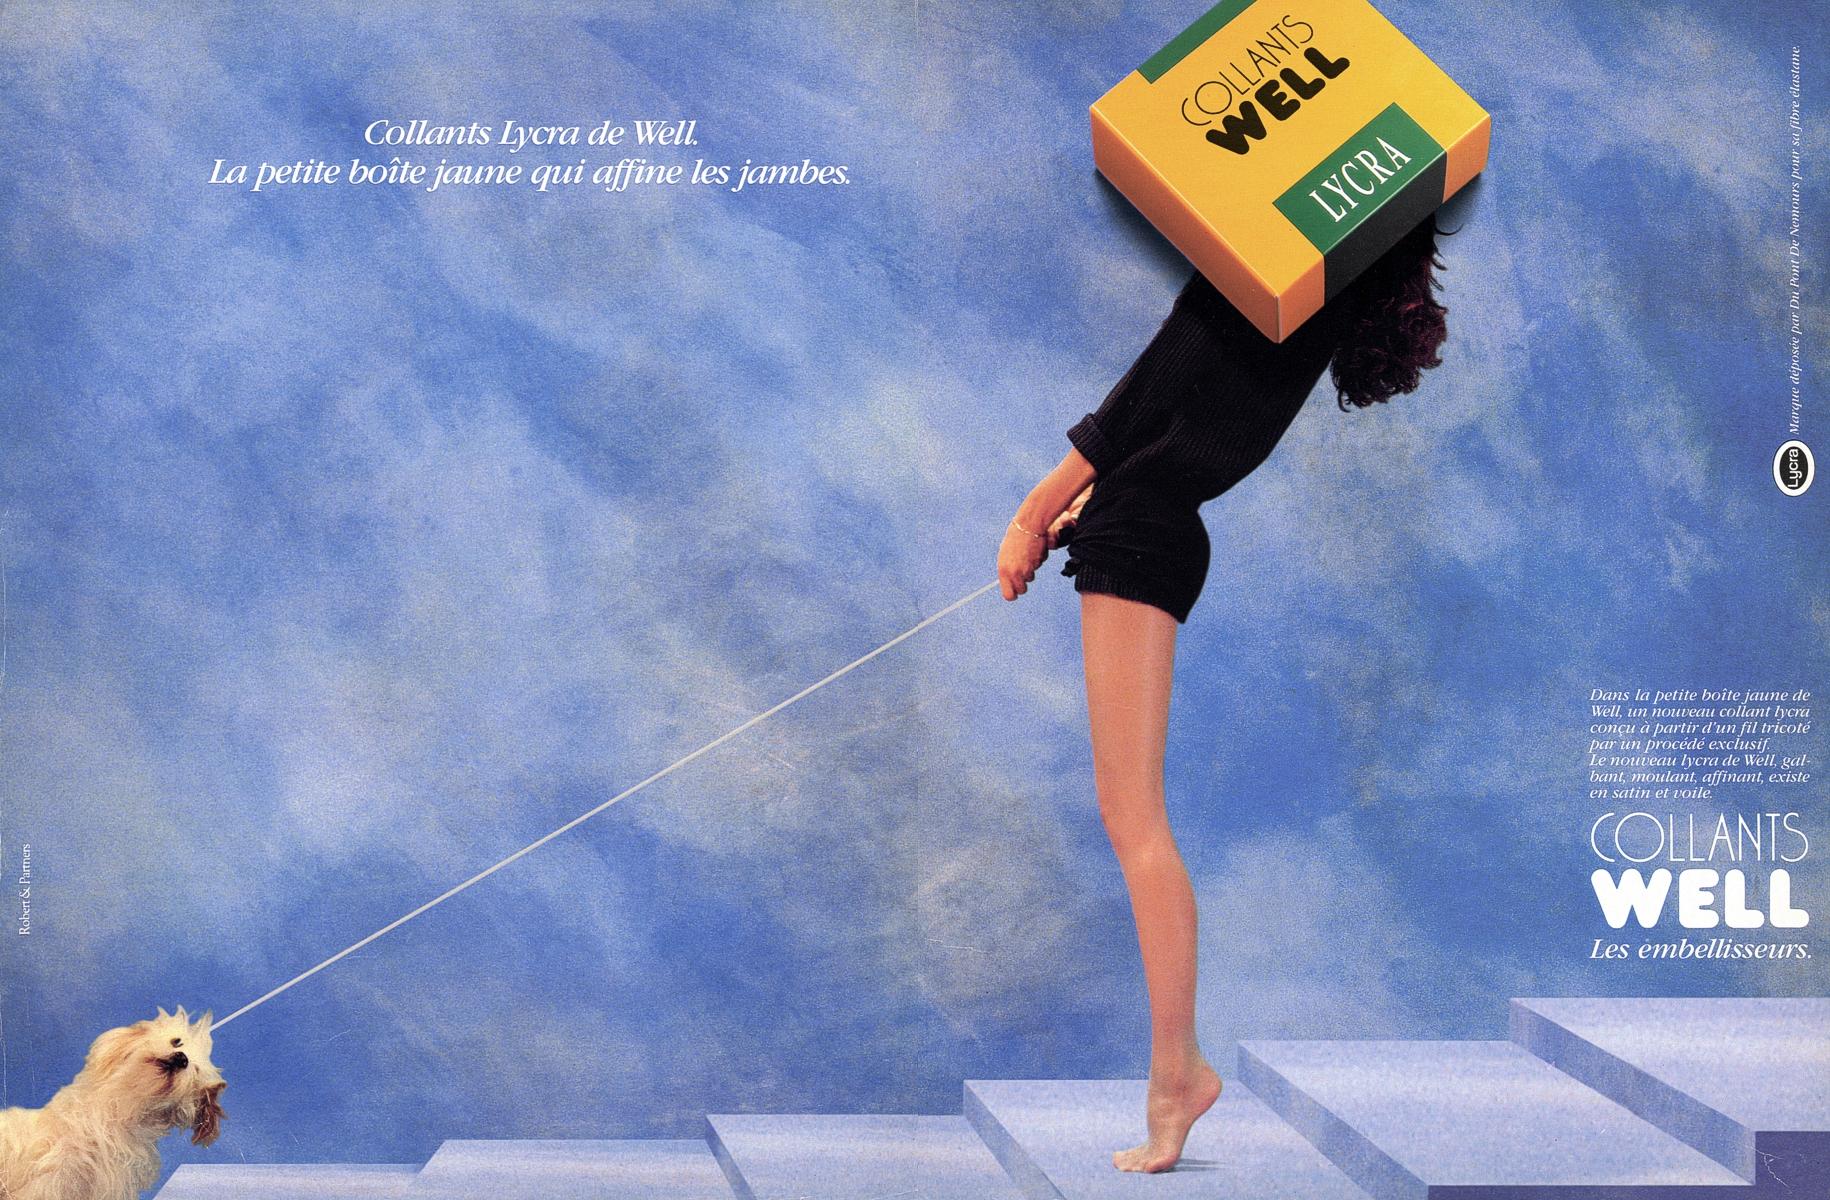 well_1989-2 museumhosiery